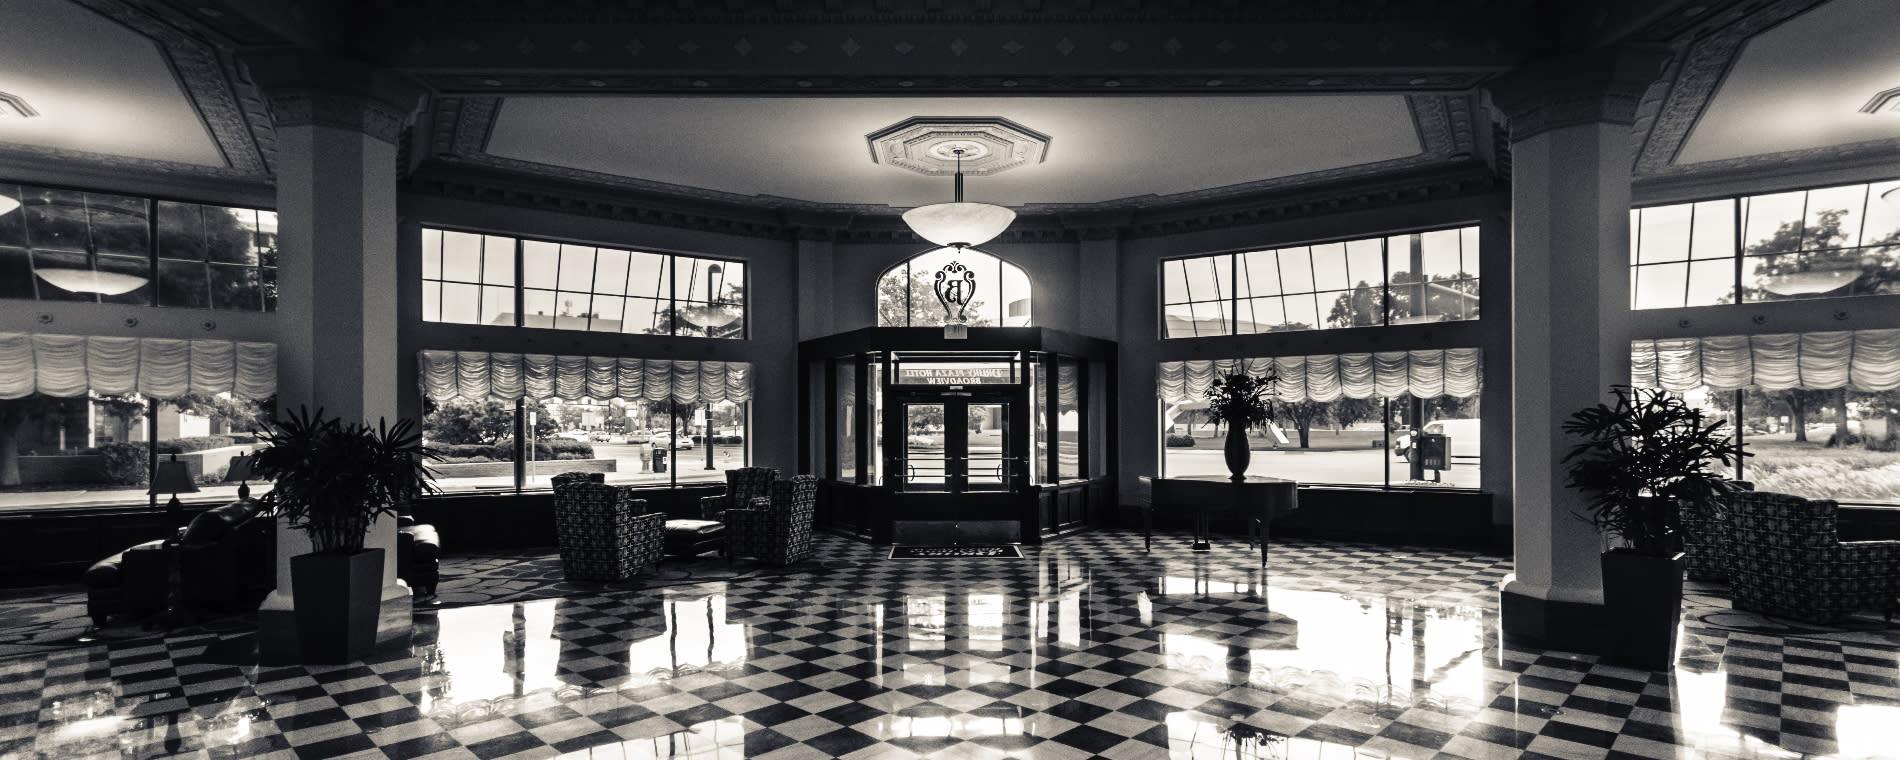 Drury Broadview Plaza Wichita Lobby